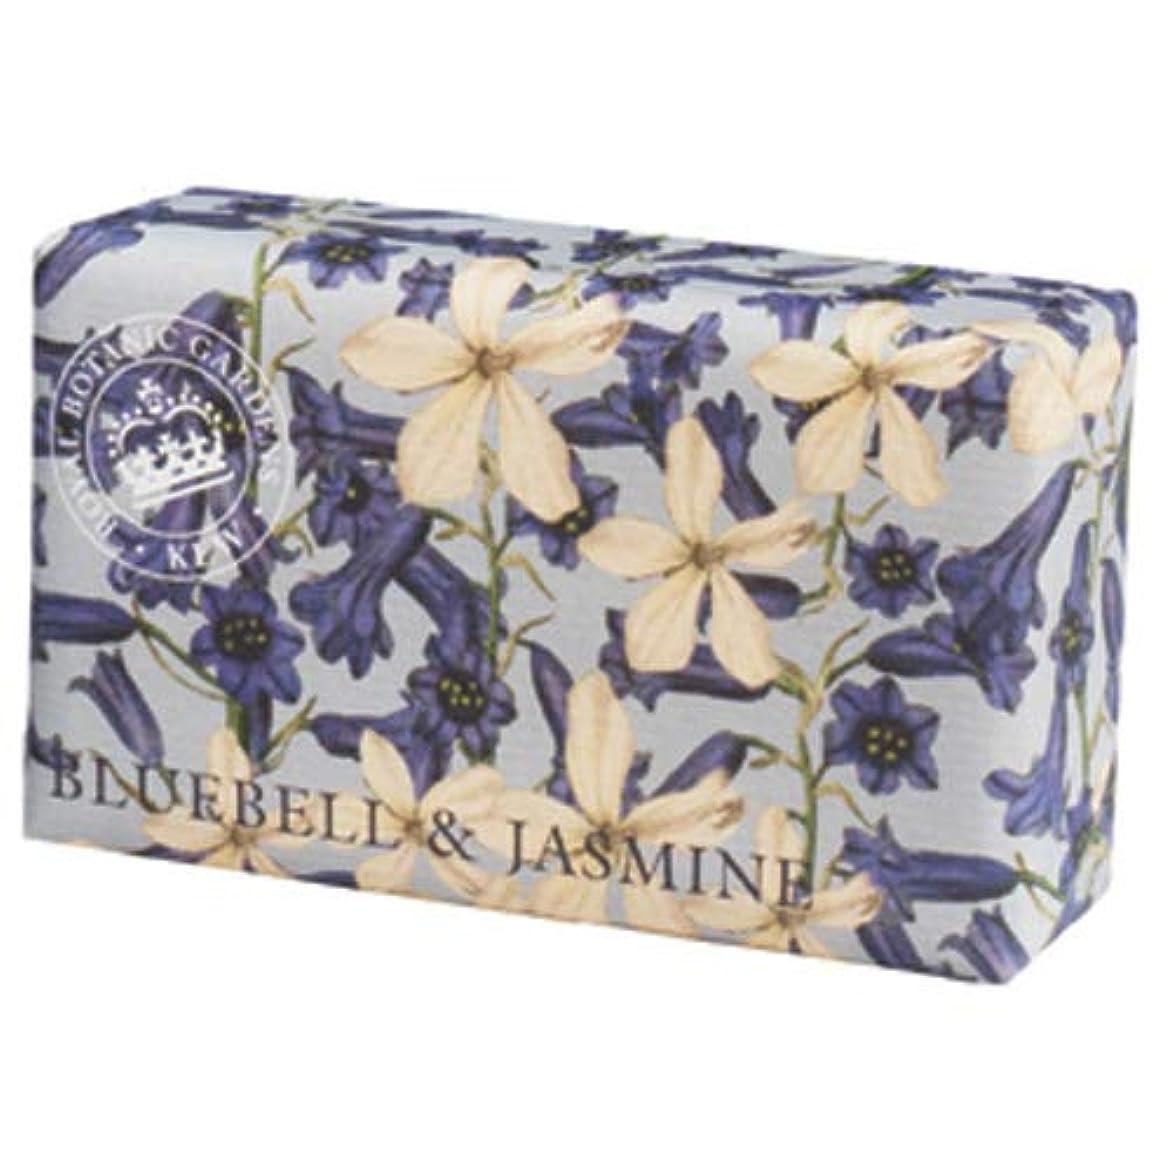 加速度実際必須English Soap Company イングリッシュソープカンパニー KEW GARDEN キュー?ガーデン Luxury Shea Soaps シアソープ Bluebell & Jasmine ブルーベル&ジャスミン